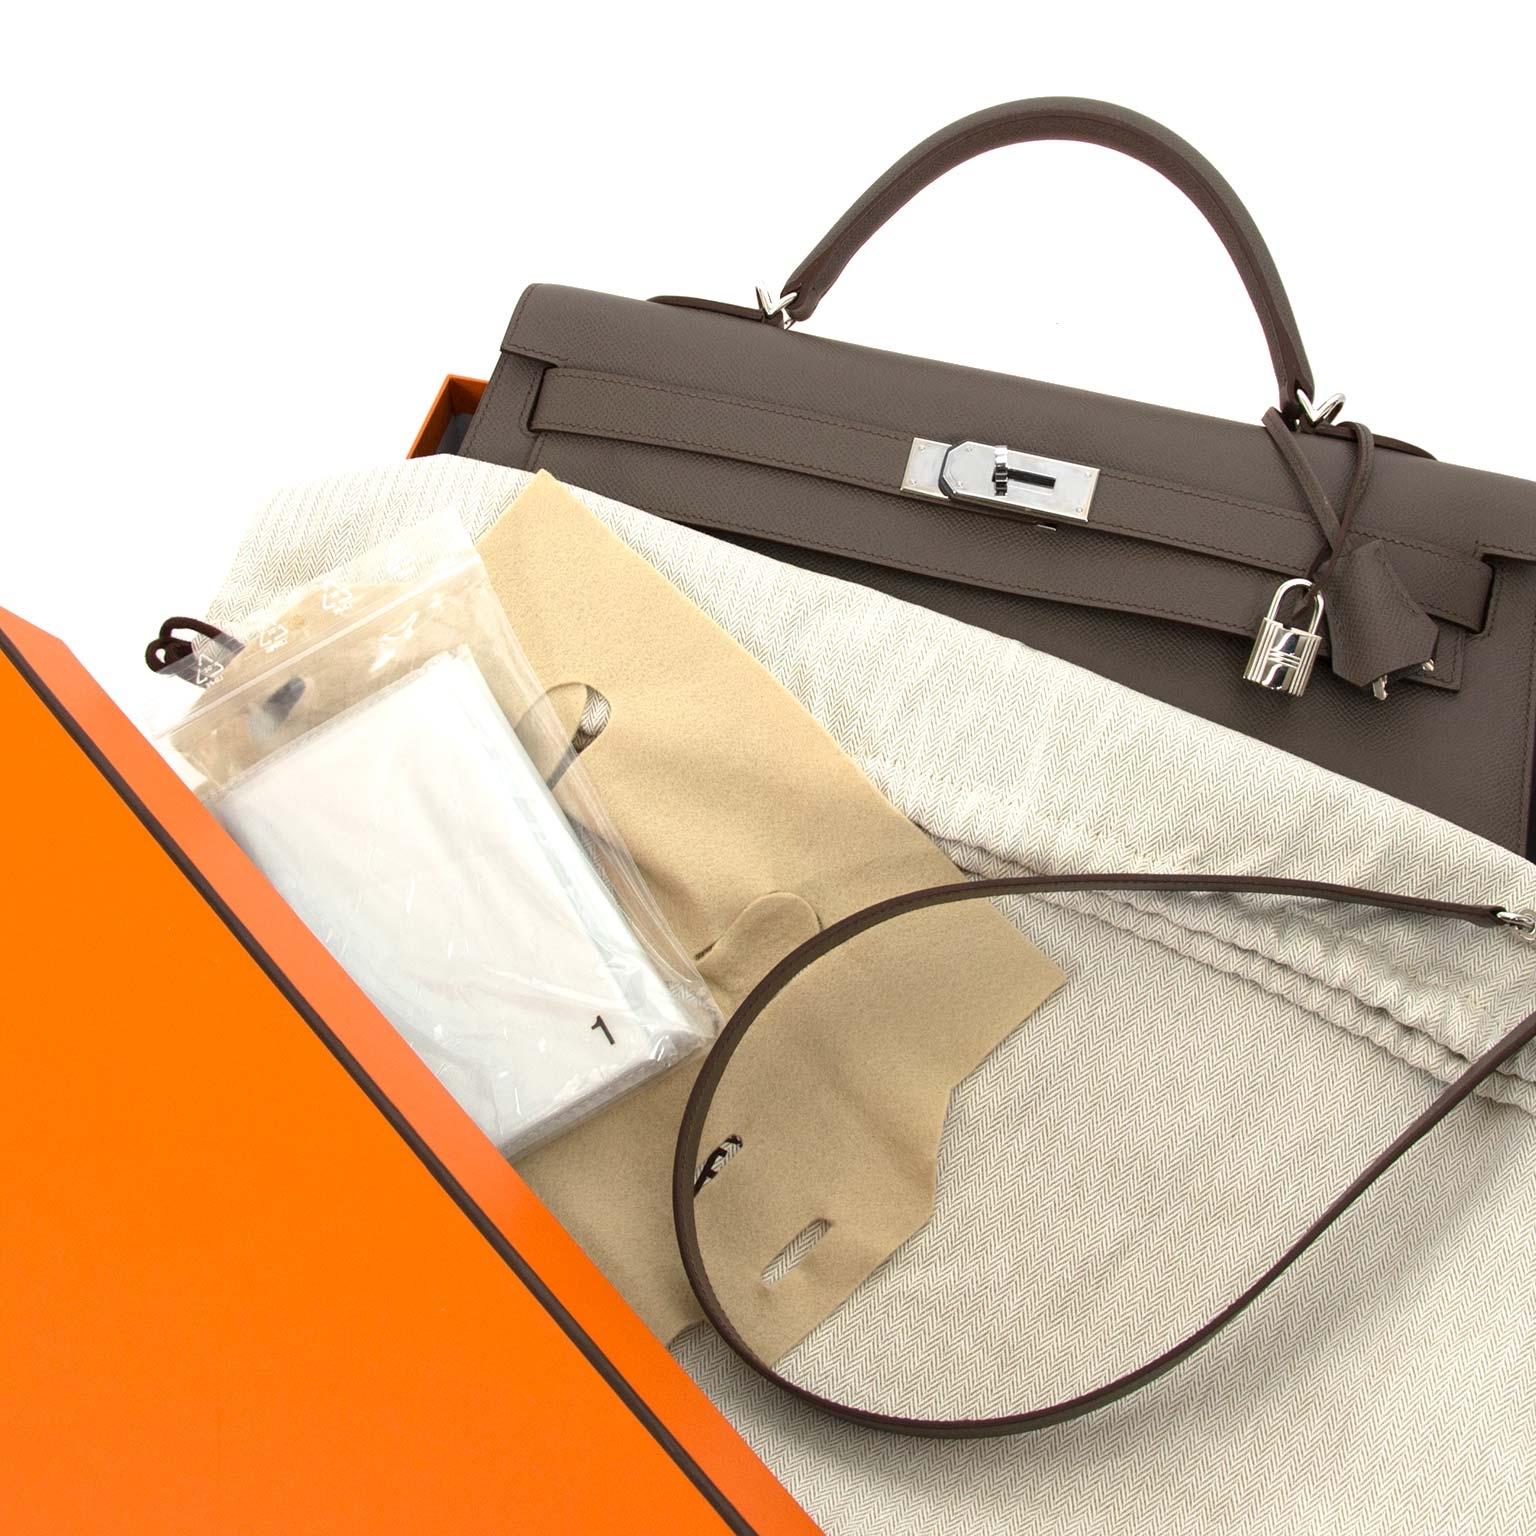 Achetez secur en ligne votre sac d'Hermès pour le meilleur prix chez Labellov à Anvers